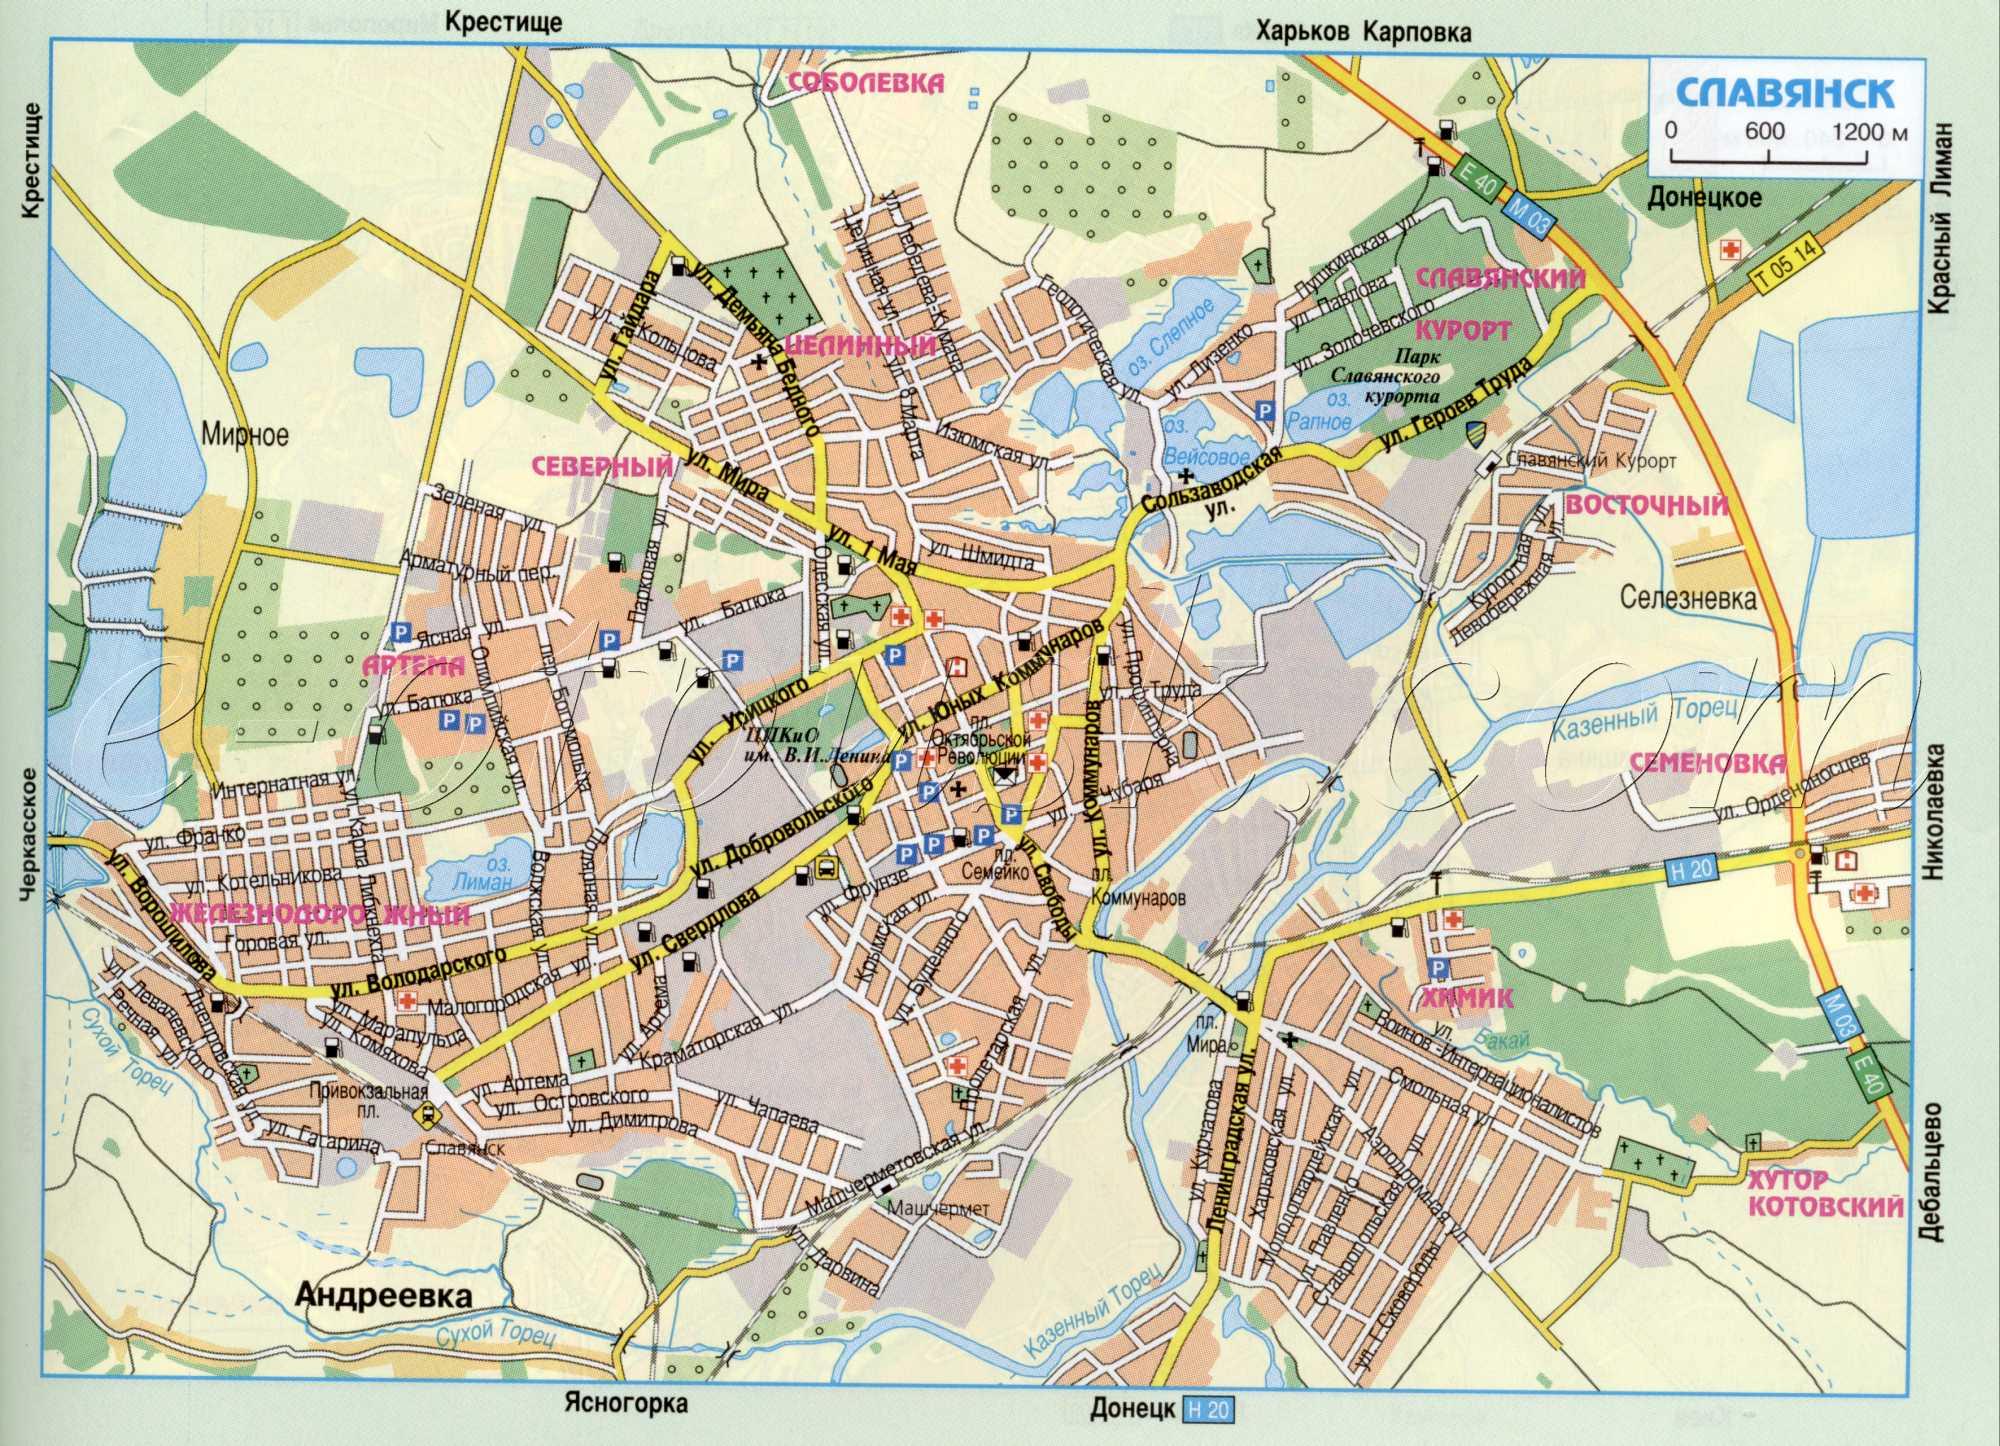 Карта города Славянск